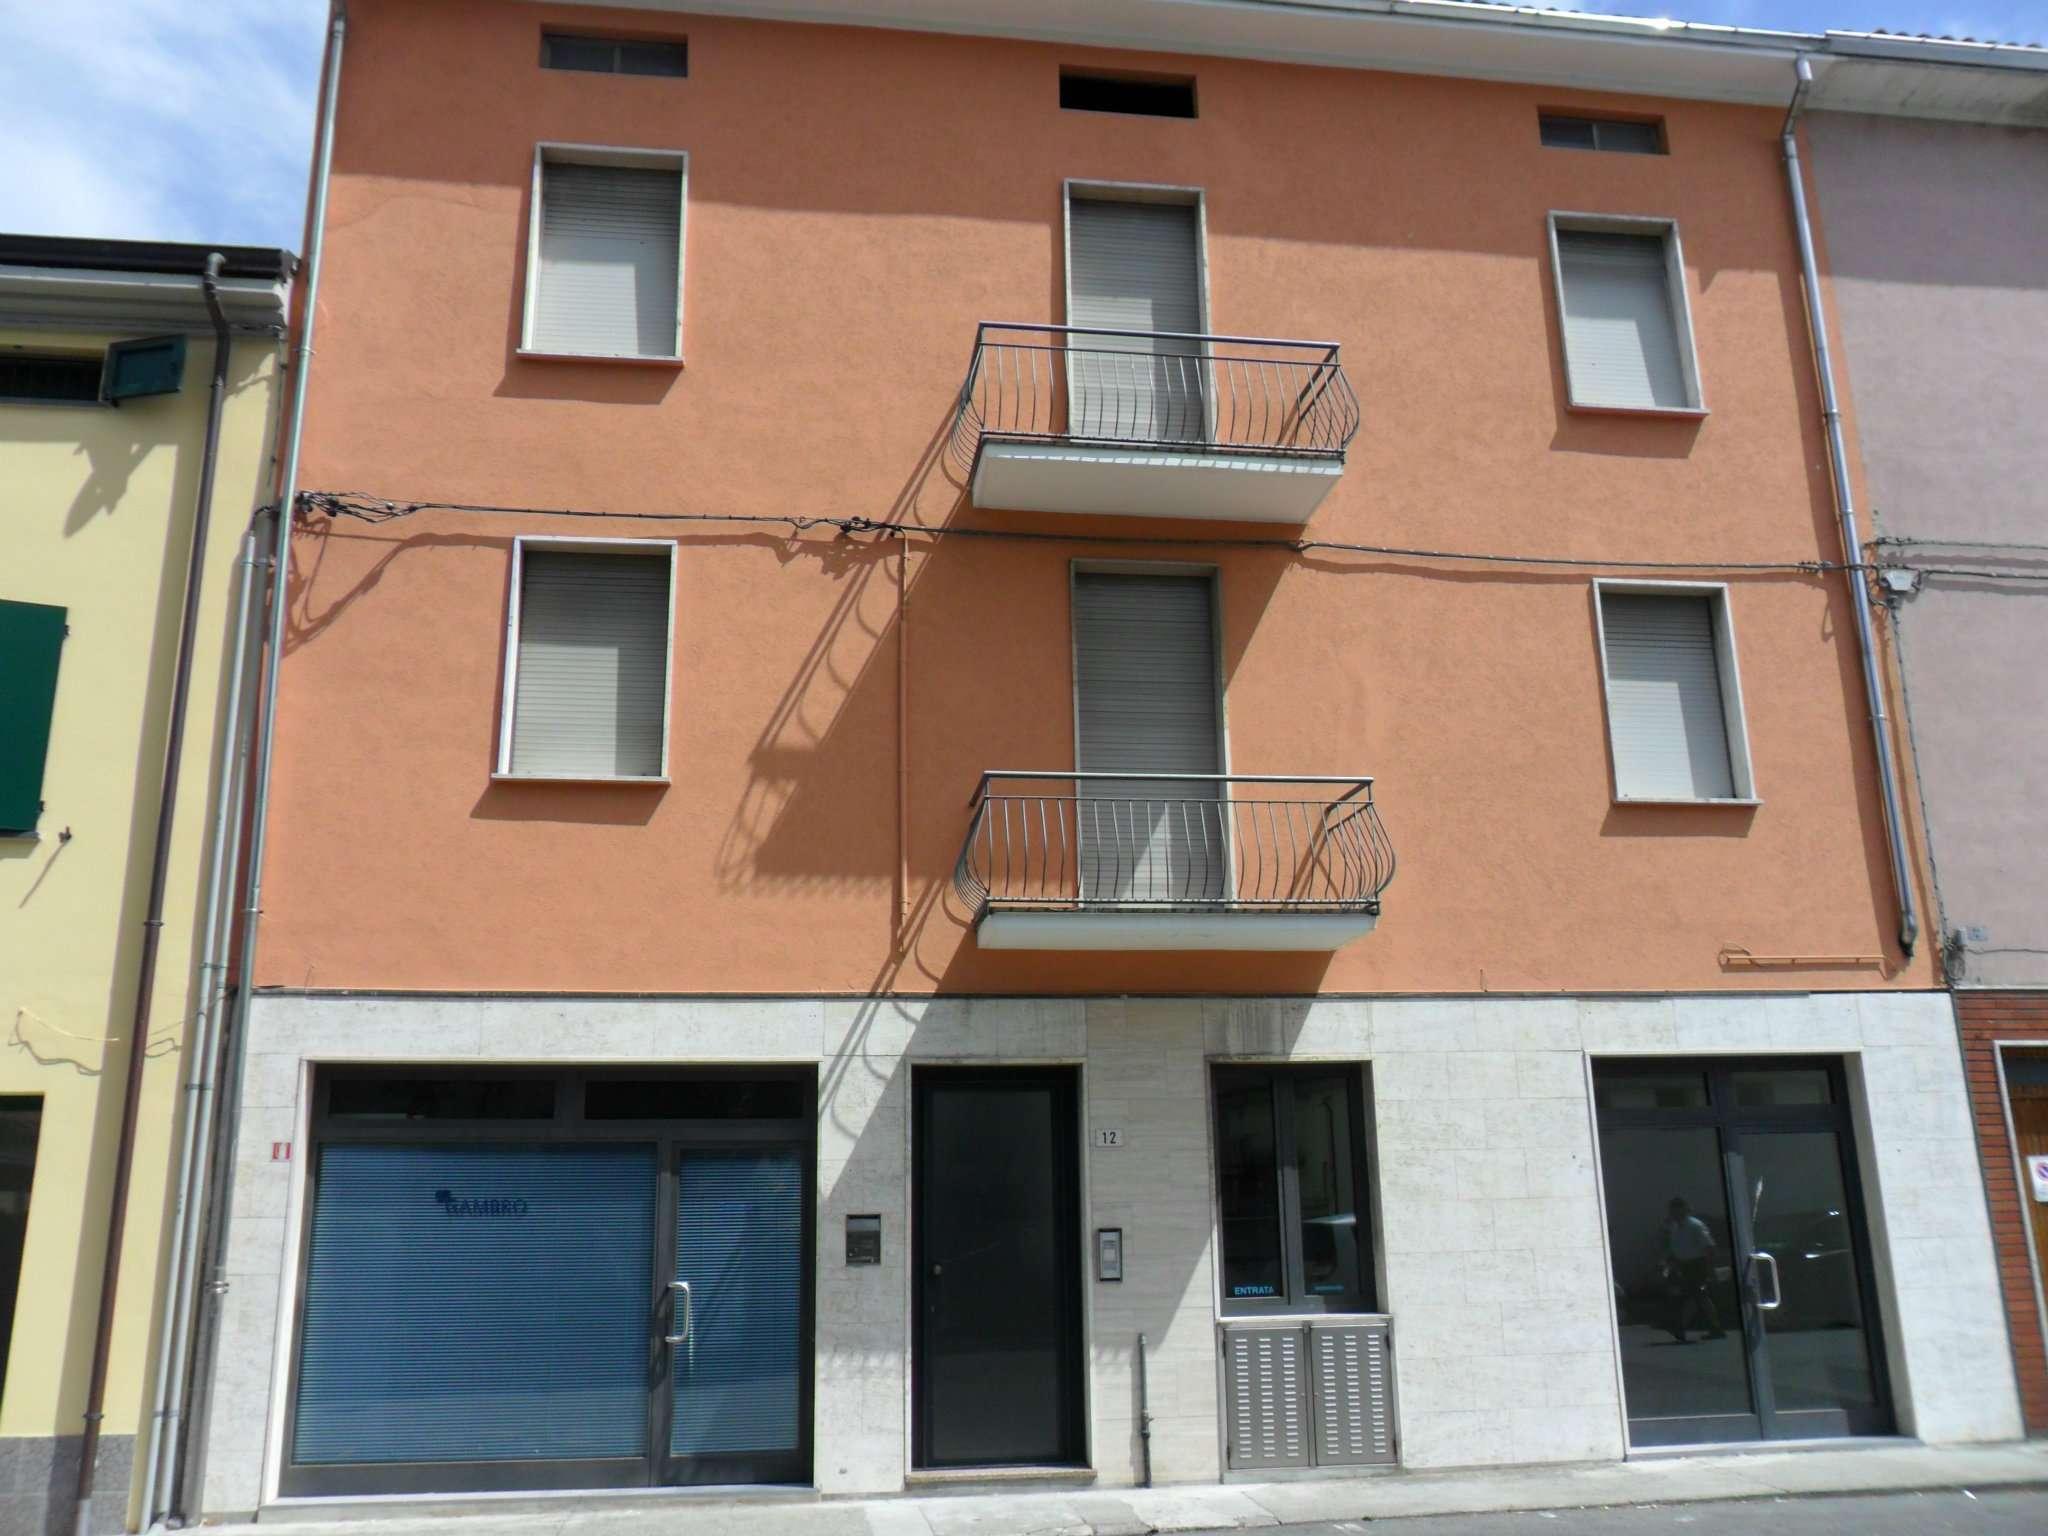 Negozio / Locale in vendita a Fontevivo, 2 locali, prezzo € 35.000 | Cambio Casa.it